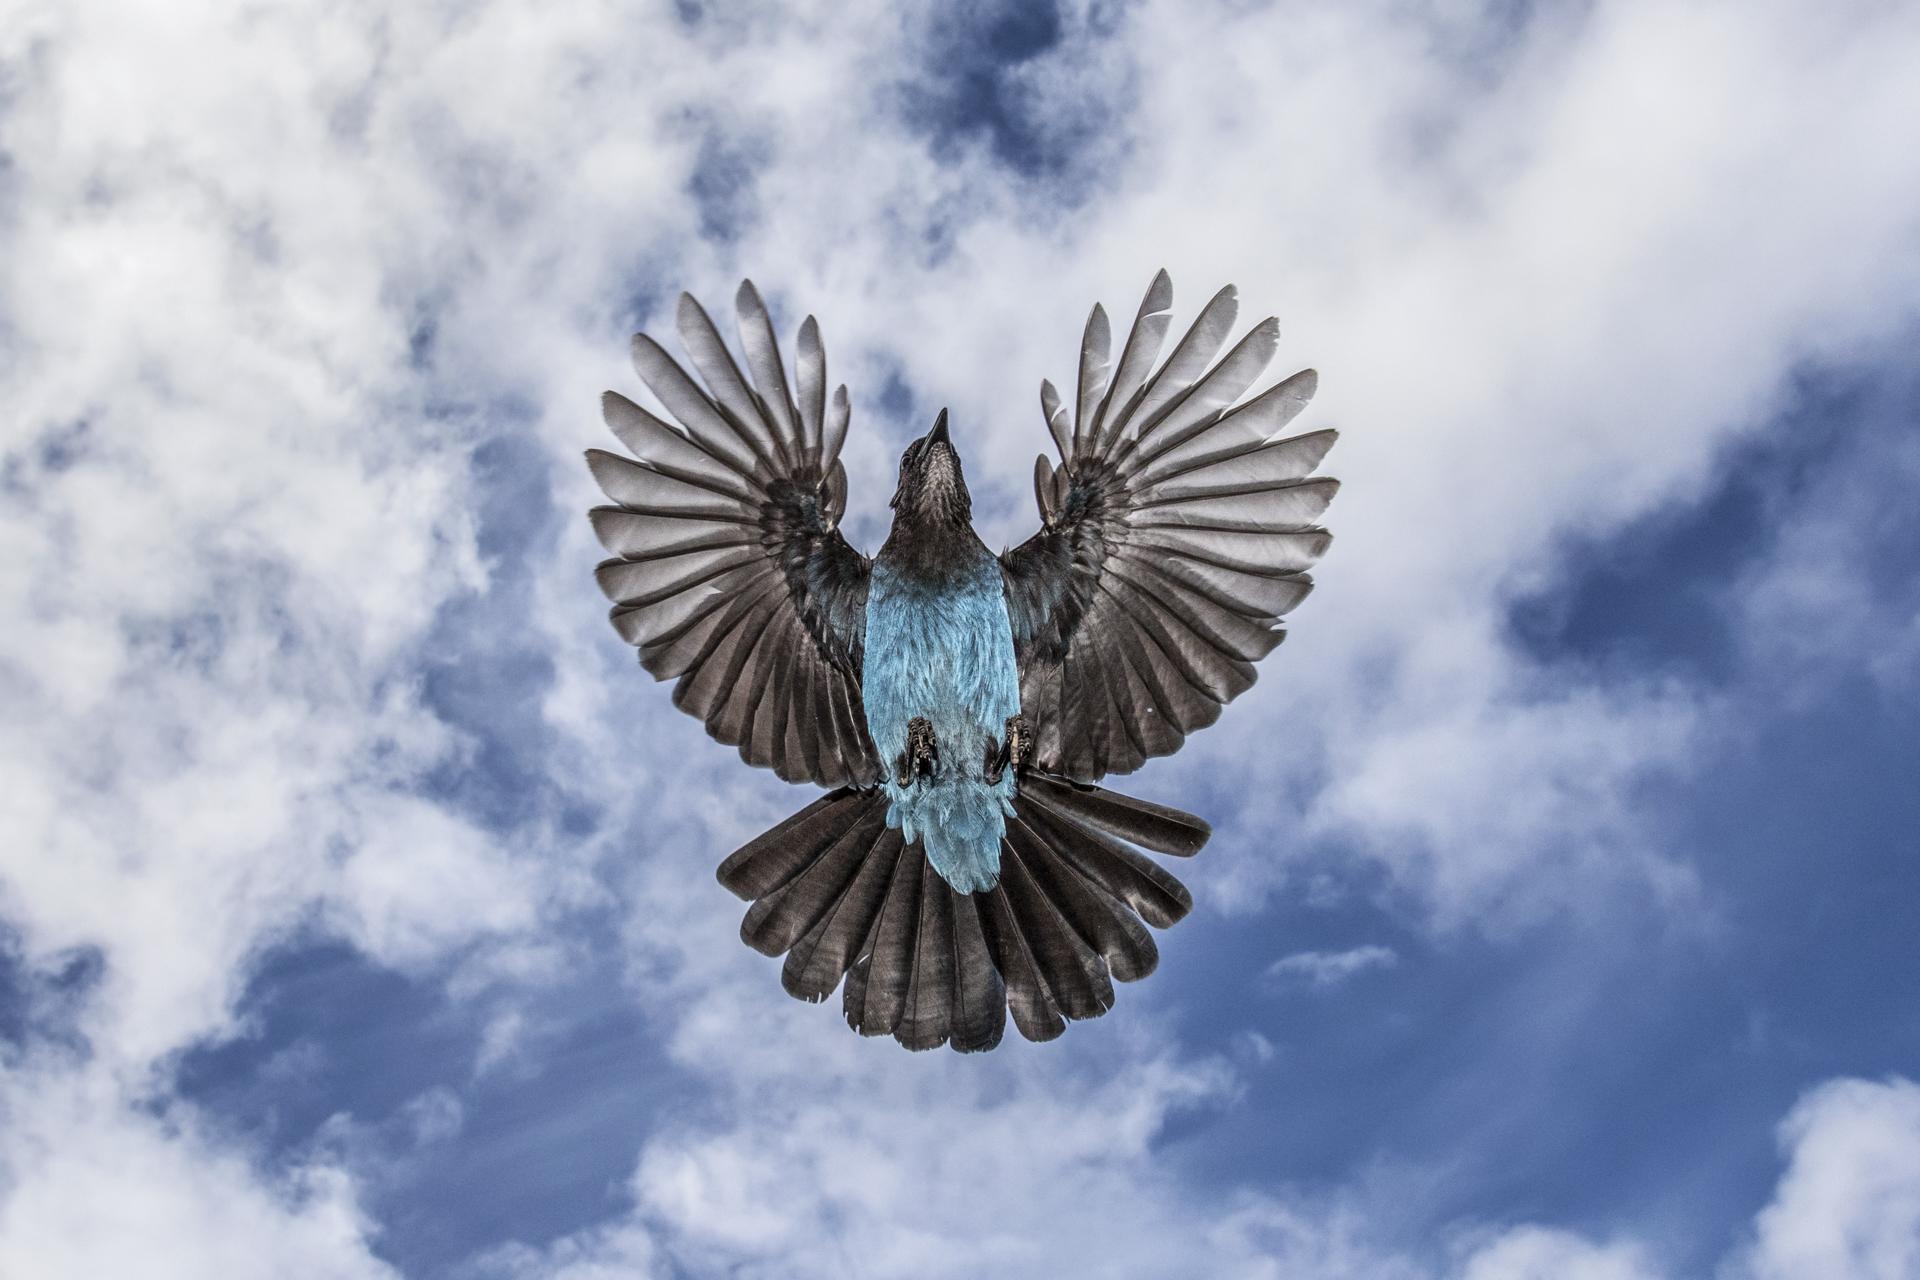 Steller's Jay in flight sky wide angle.jpg